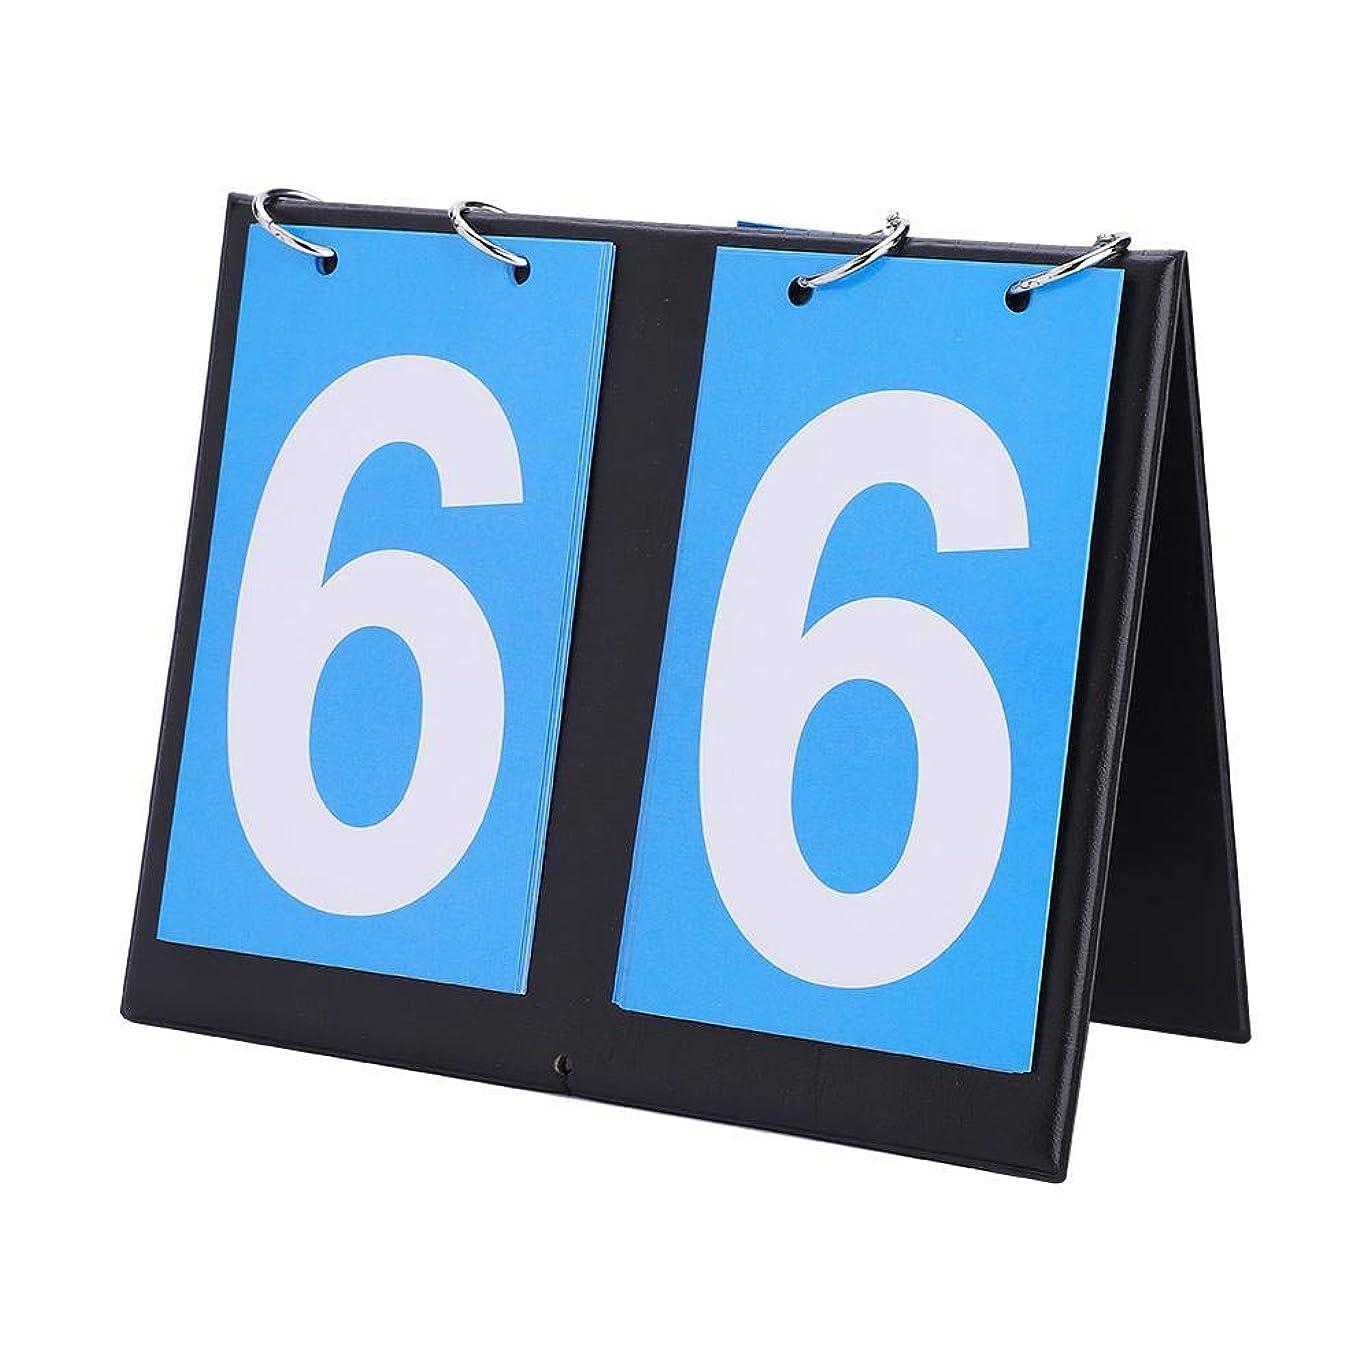 レイア適合するスキーム携帯式 得点板 卓上フリップスコアボード 2/3/4桁 ポータブルフリップスポーツスコアボード卓球用スコアキーパーバスケットボールフットボール野球